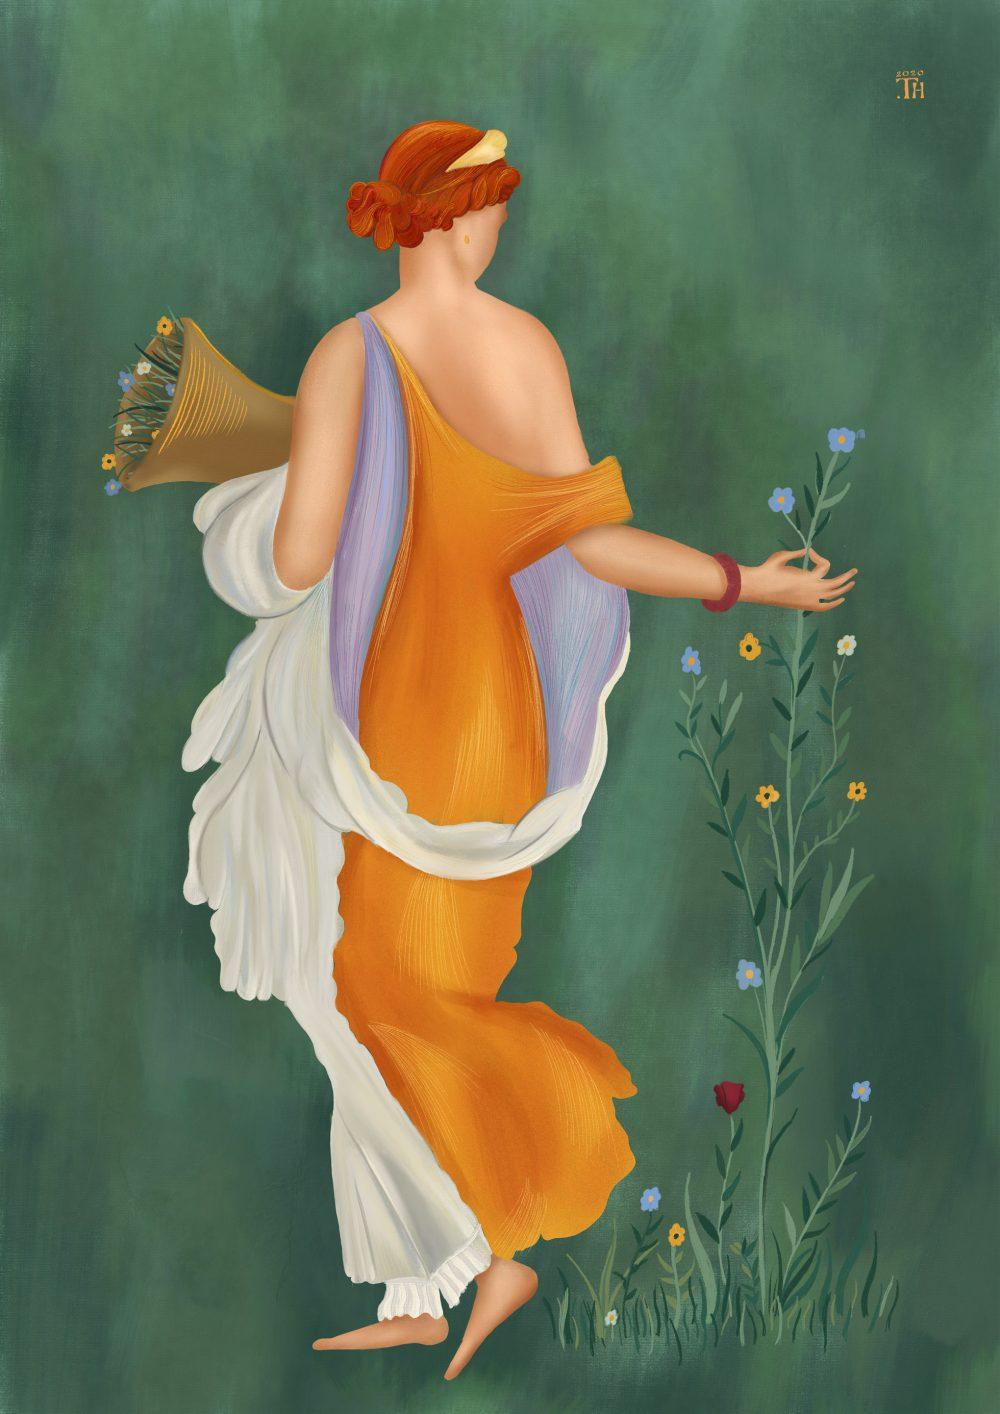 Primavera - Digital Painting - Thibault Herledan